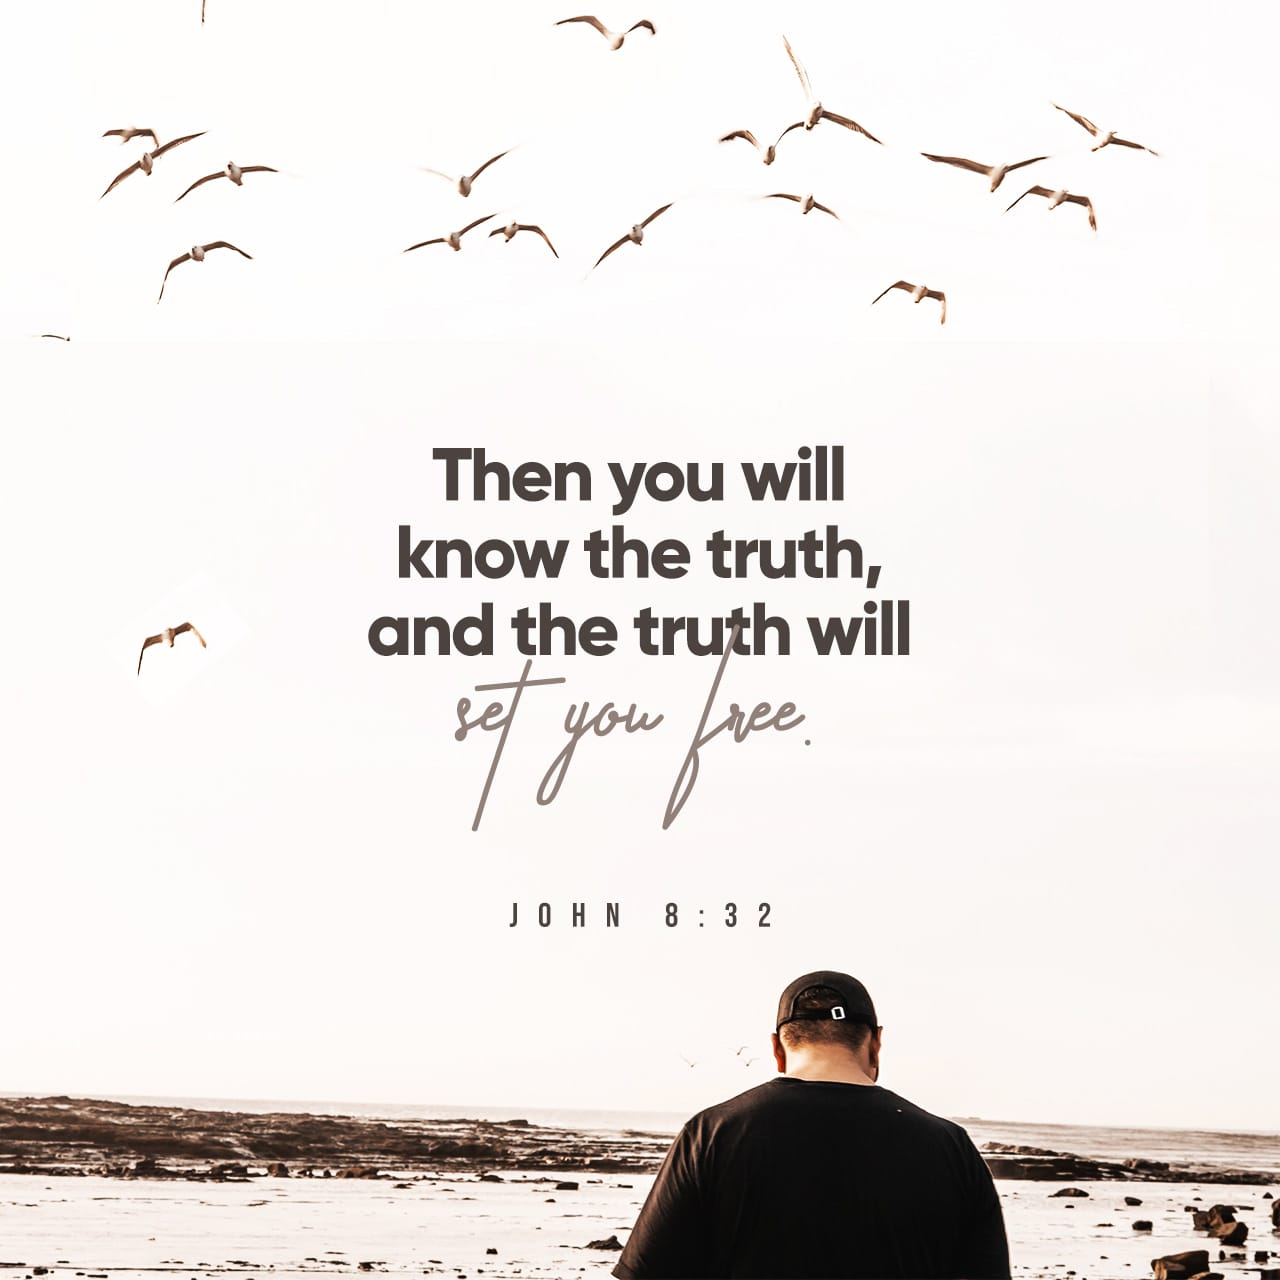 John 8 32 scripture image